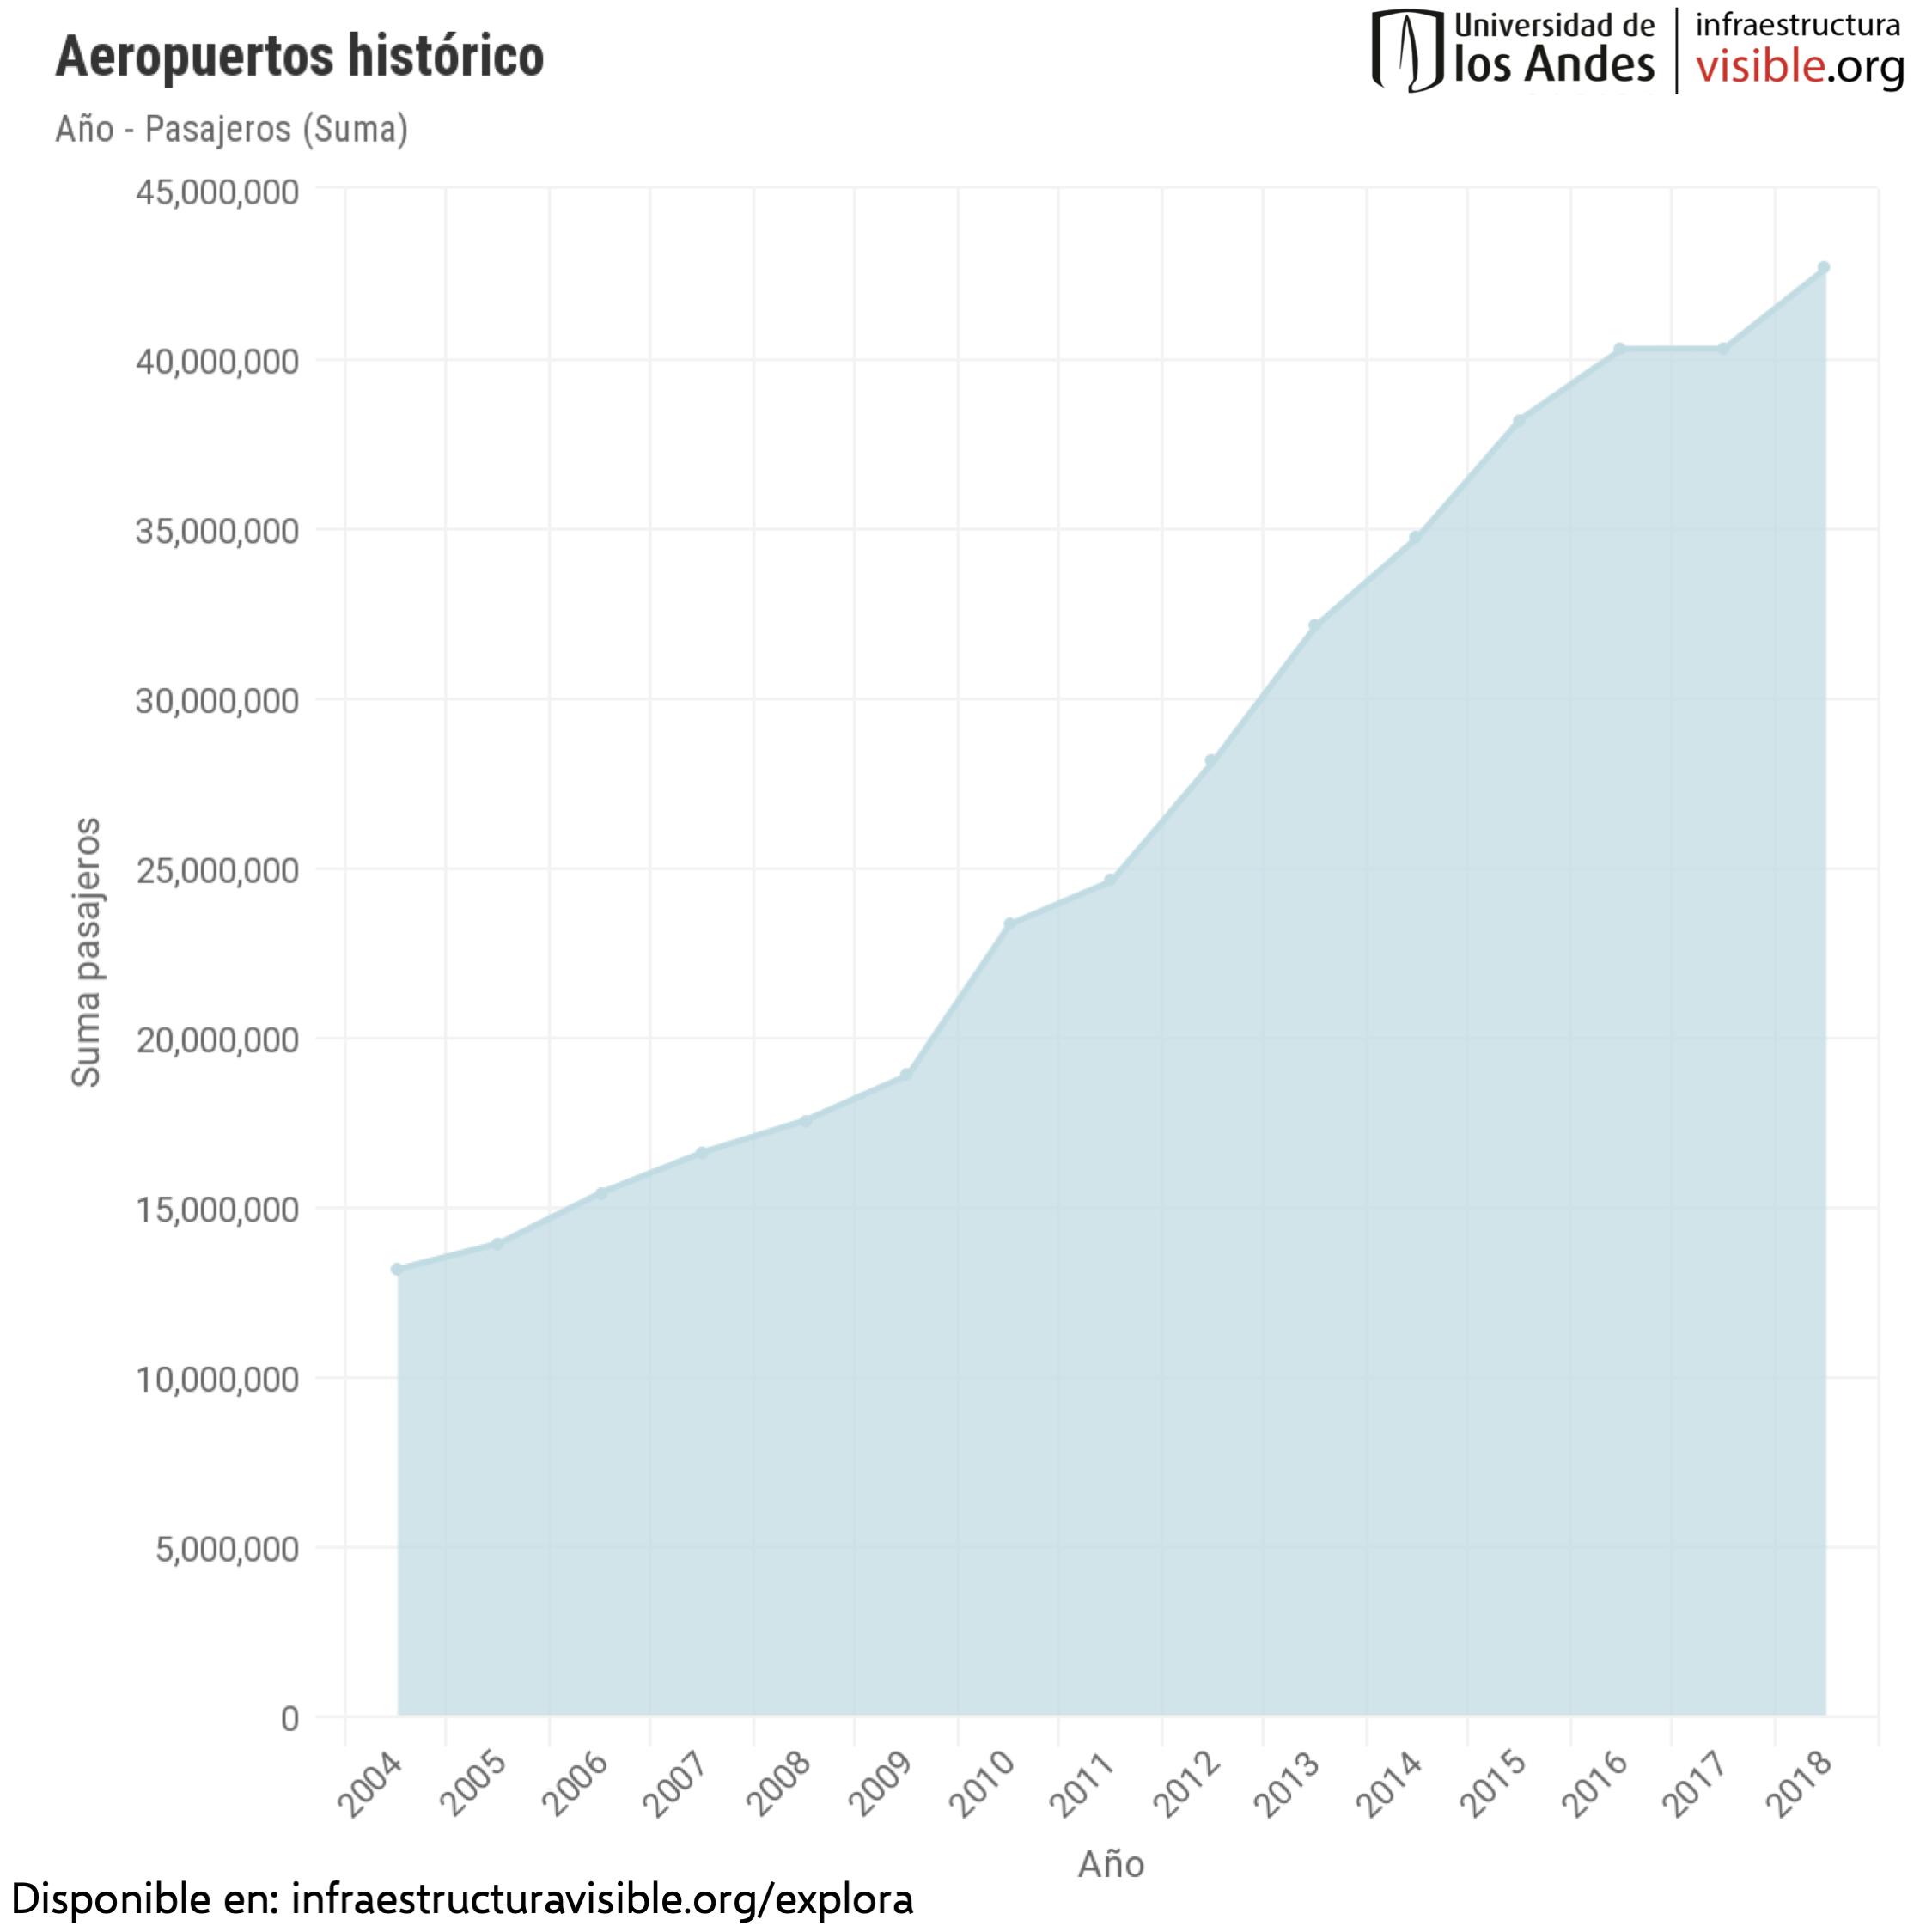 Histórico de pasajeros por año en Aeropuertos